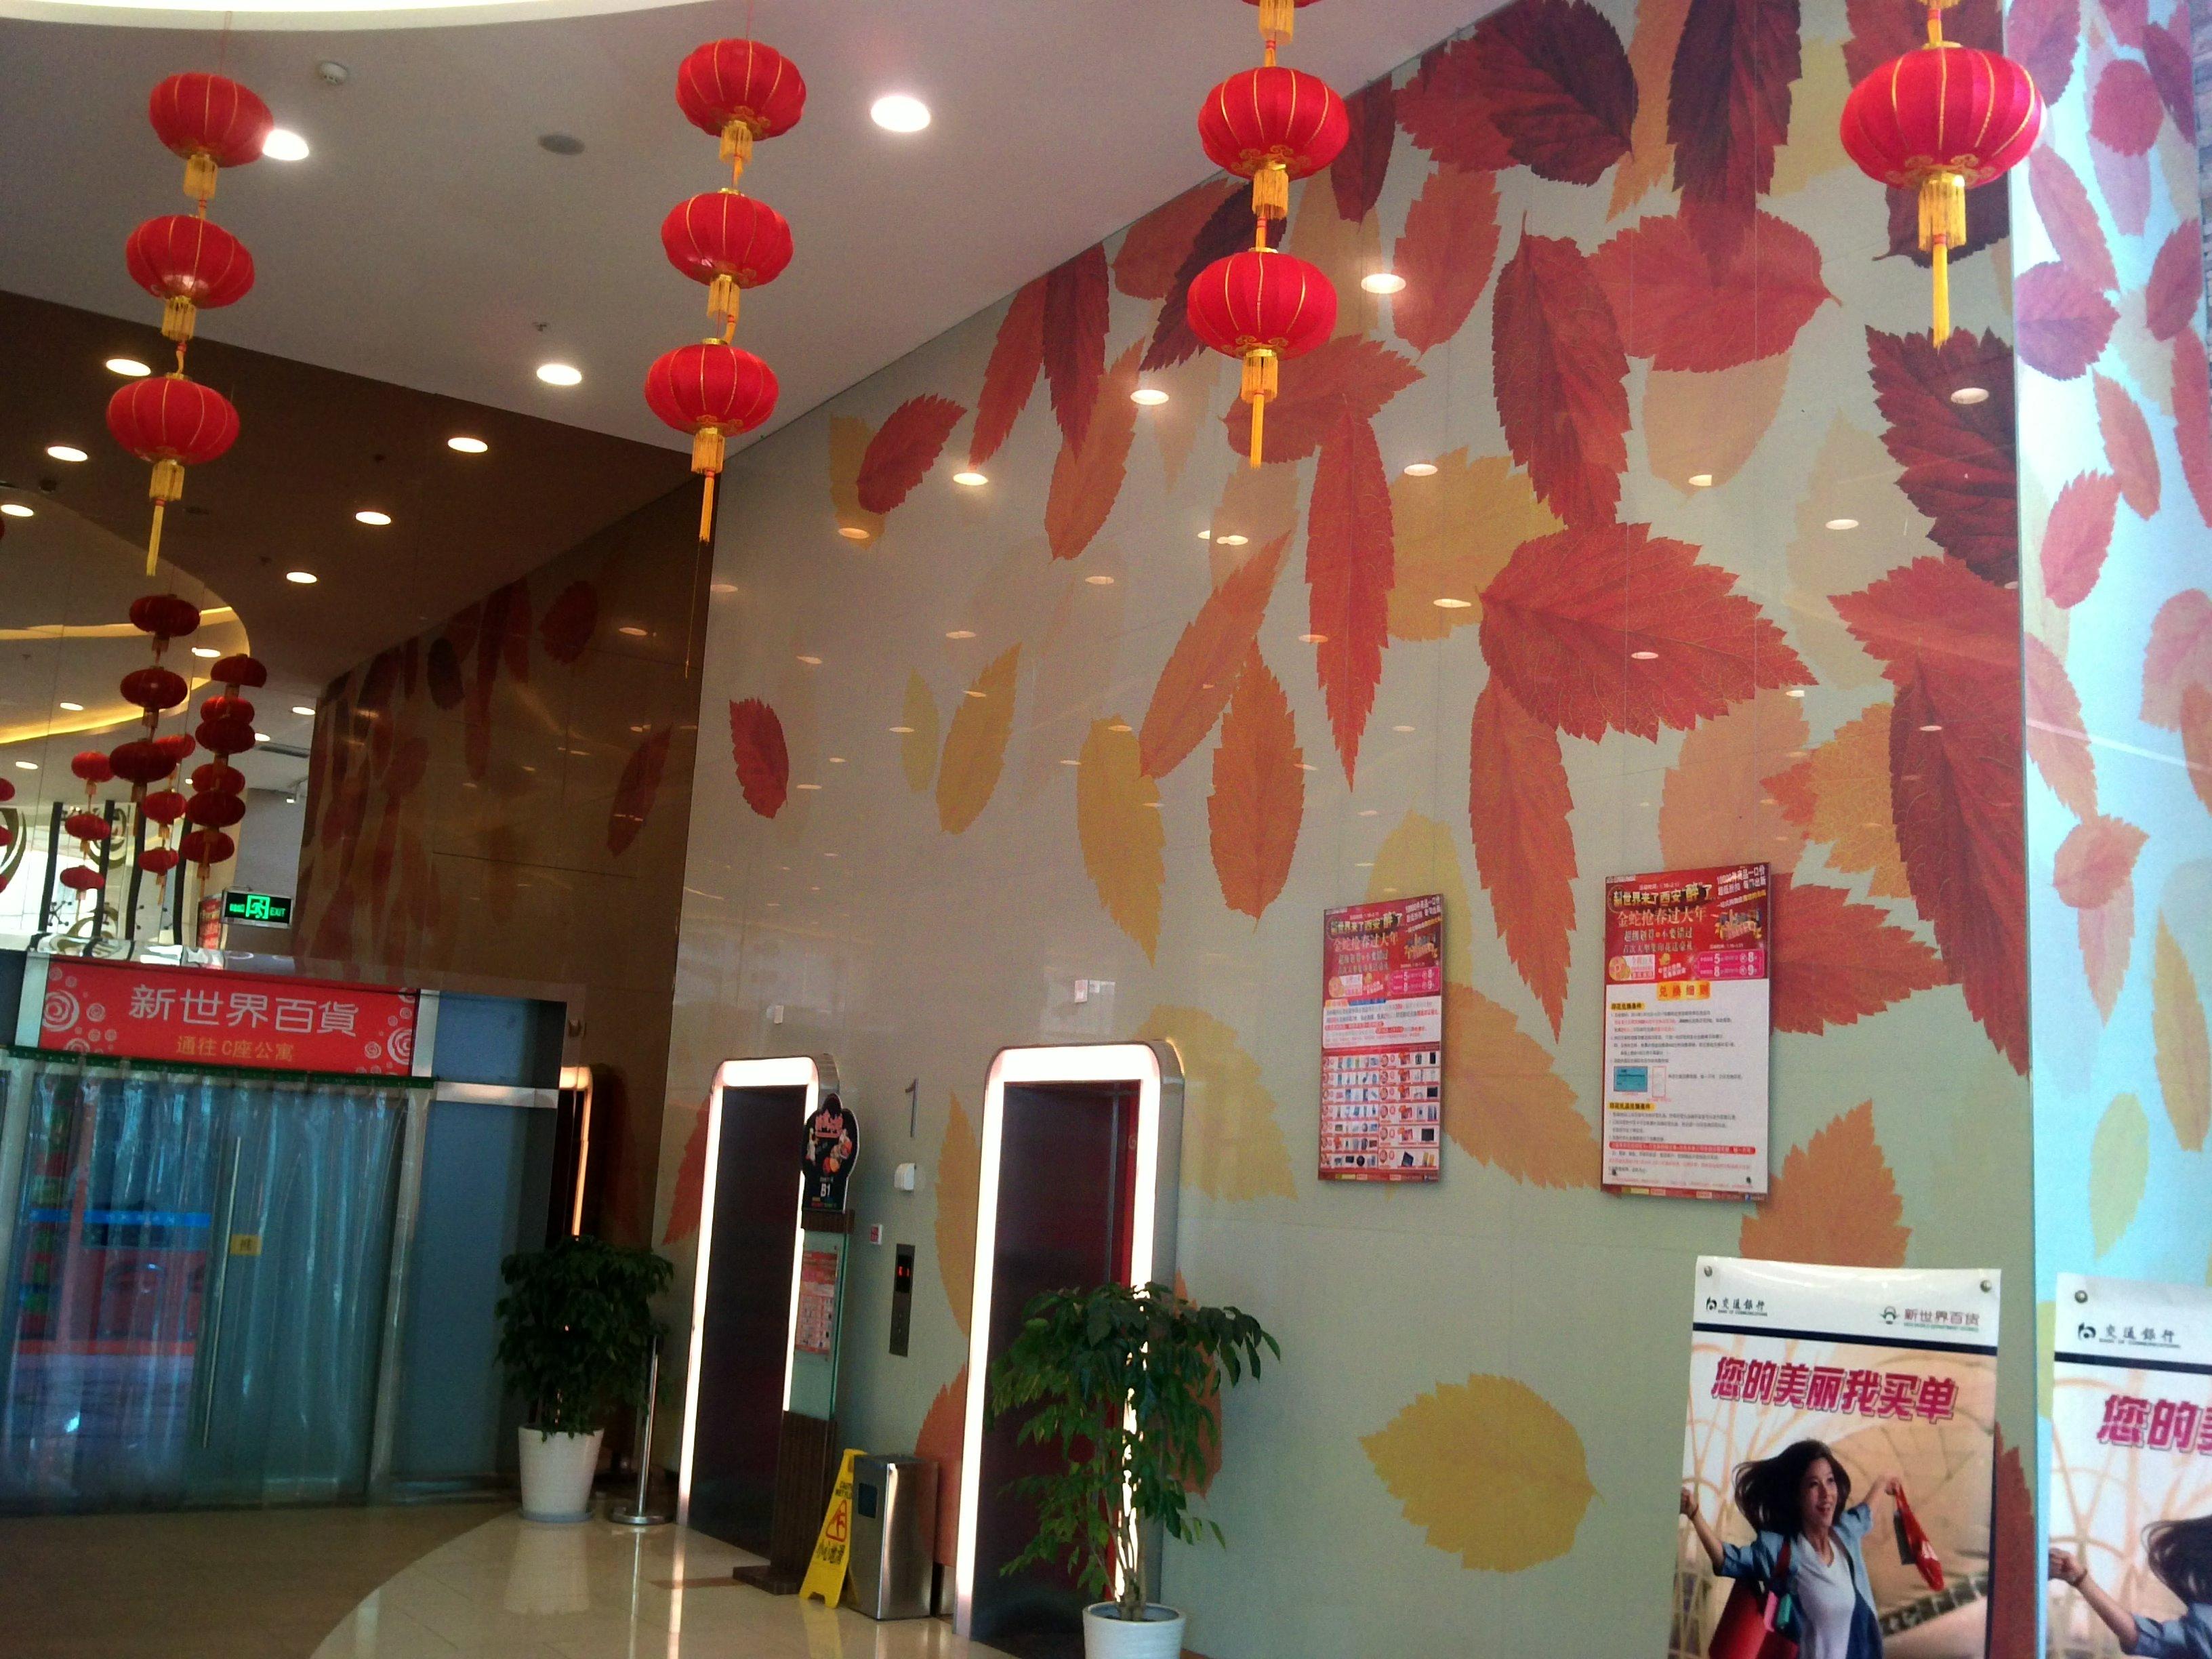 名称:西安香港新世界百货 面积:1000平米 使用产品:3M即时贴 颜色:制作成红色枫叶图案 目的:使商场颜色丰富,更加有立体美感。